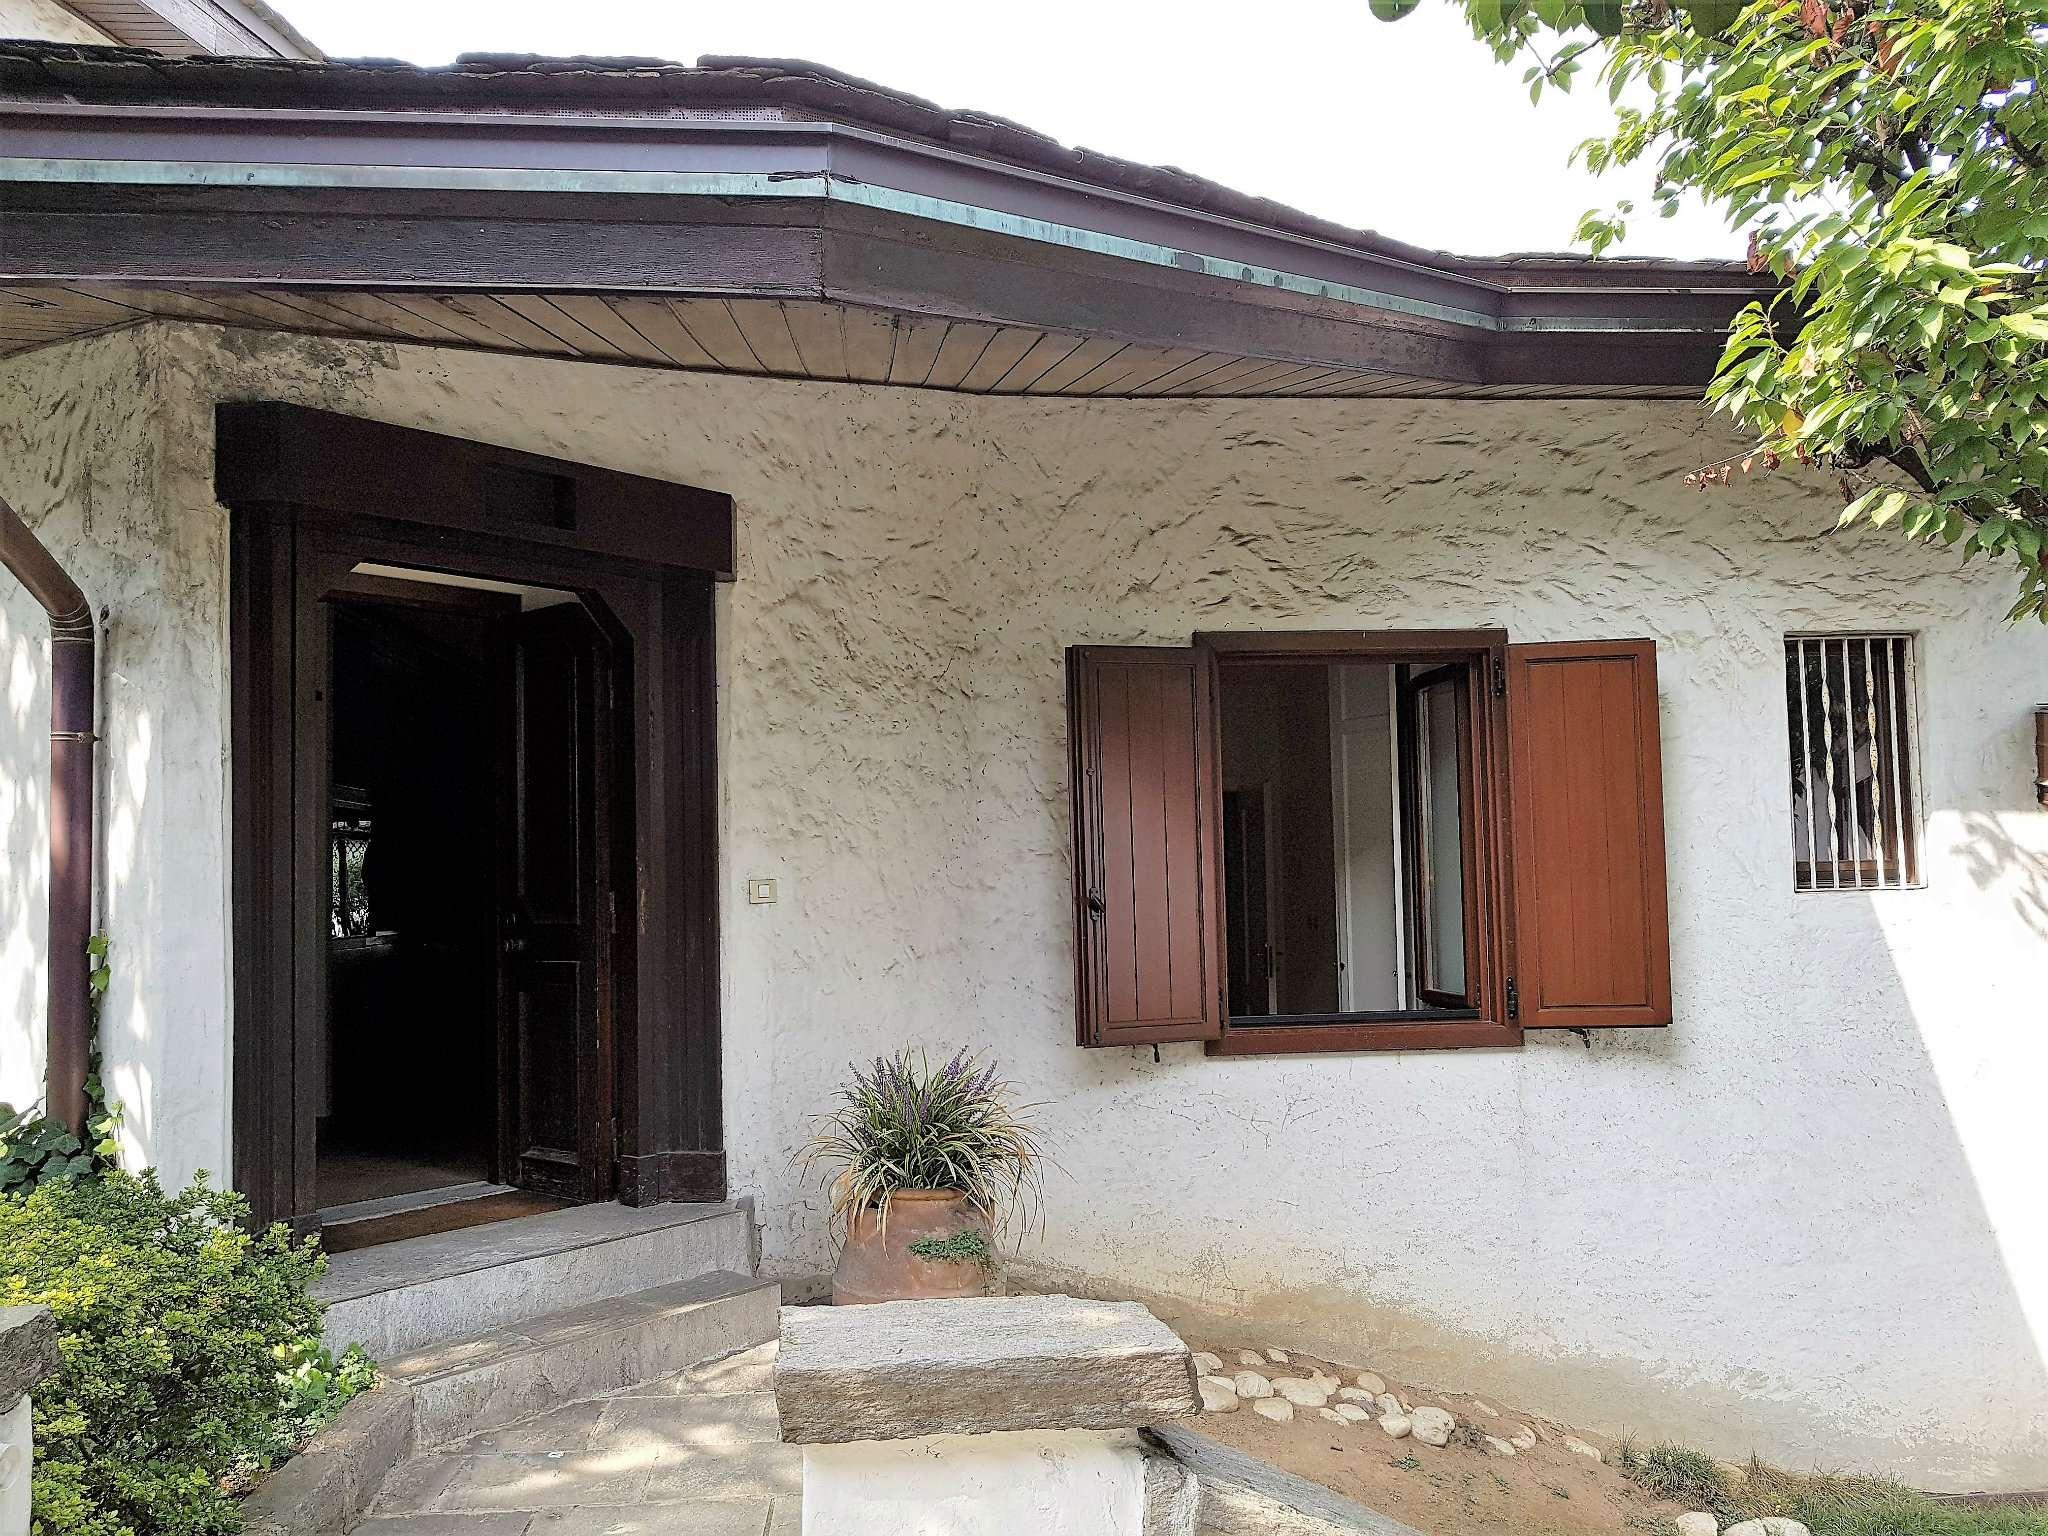 Case e immobili in vendita a lentate sul seveso annunci - Piscina lentate sul seveso ...